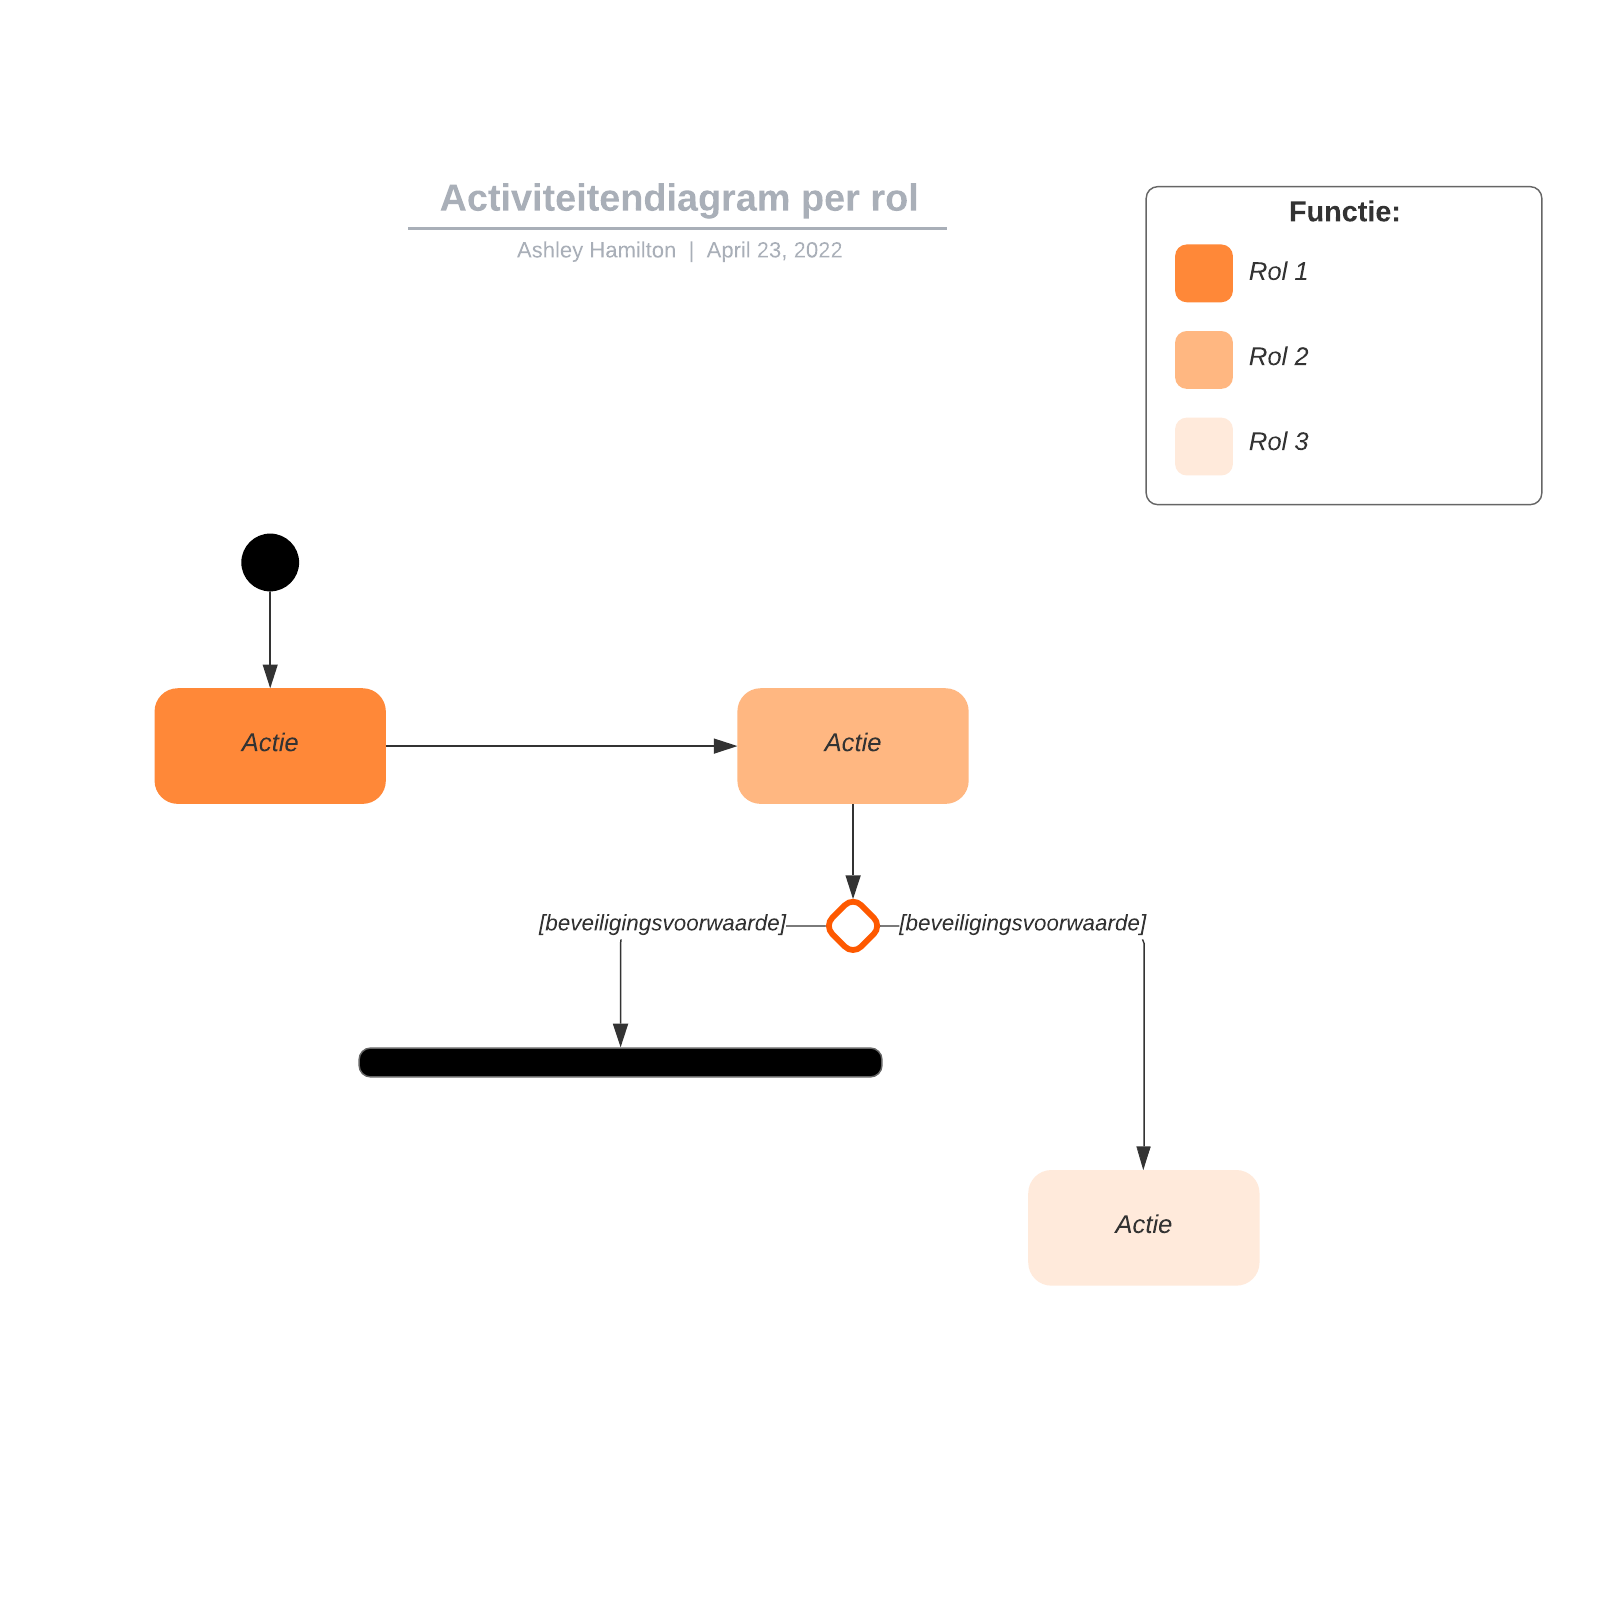 Activiteitendiagram per rol